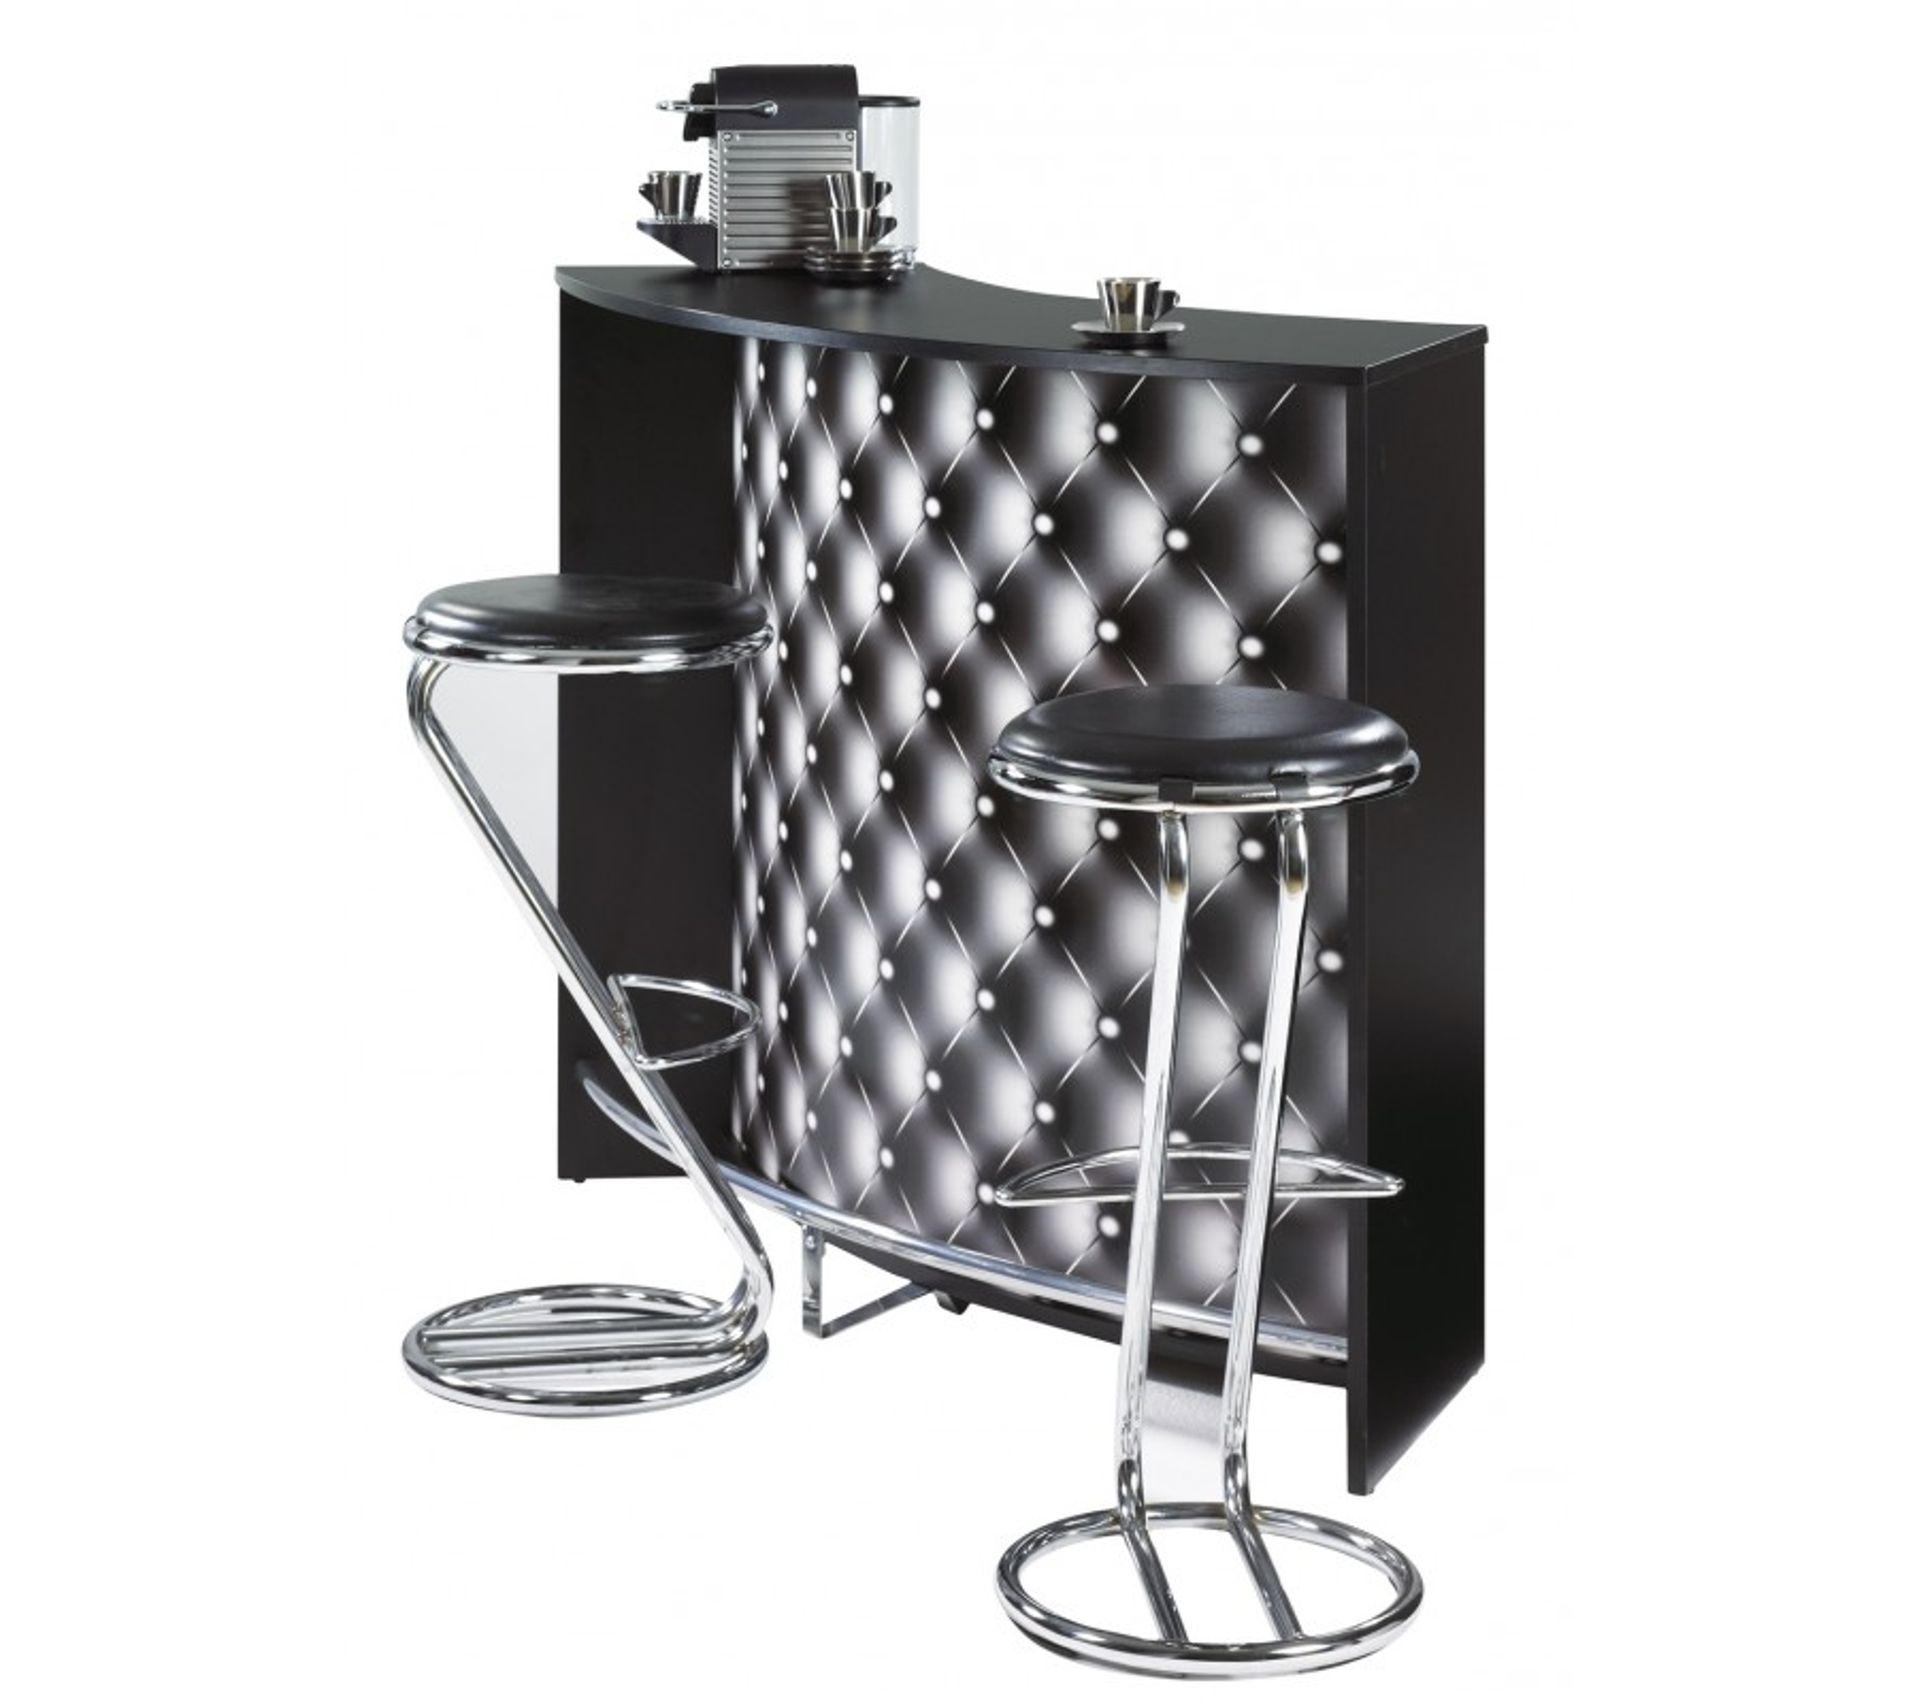 Meuble Bar Comptoir D Accueil Noir 135 Cm Coloris Capitons 911 Bar But